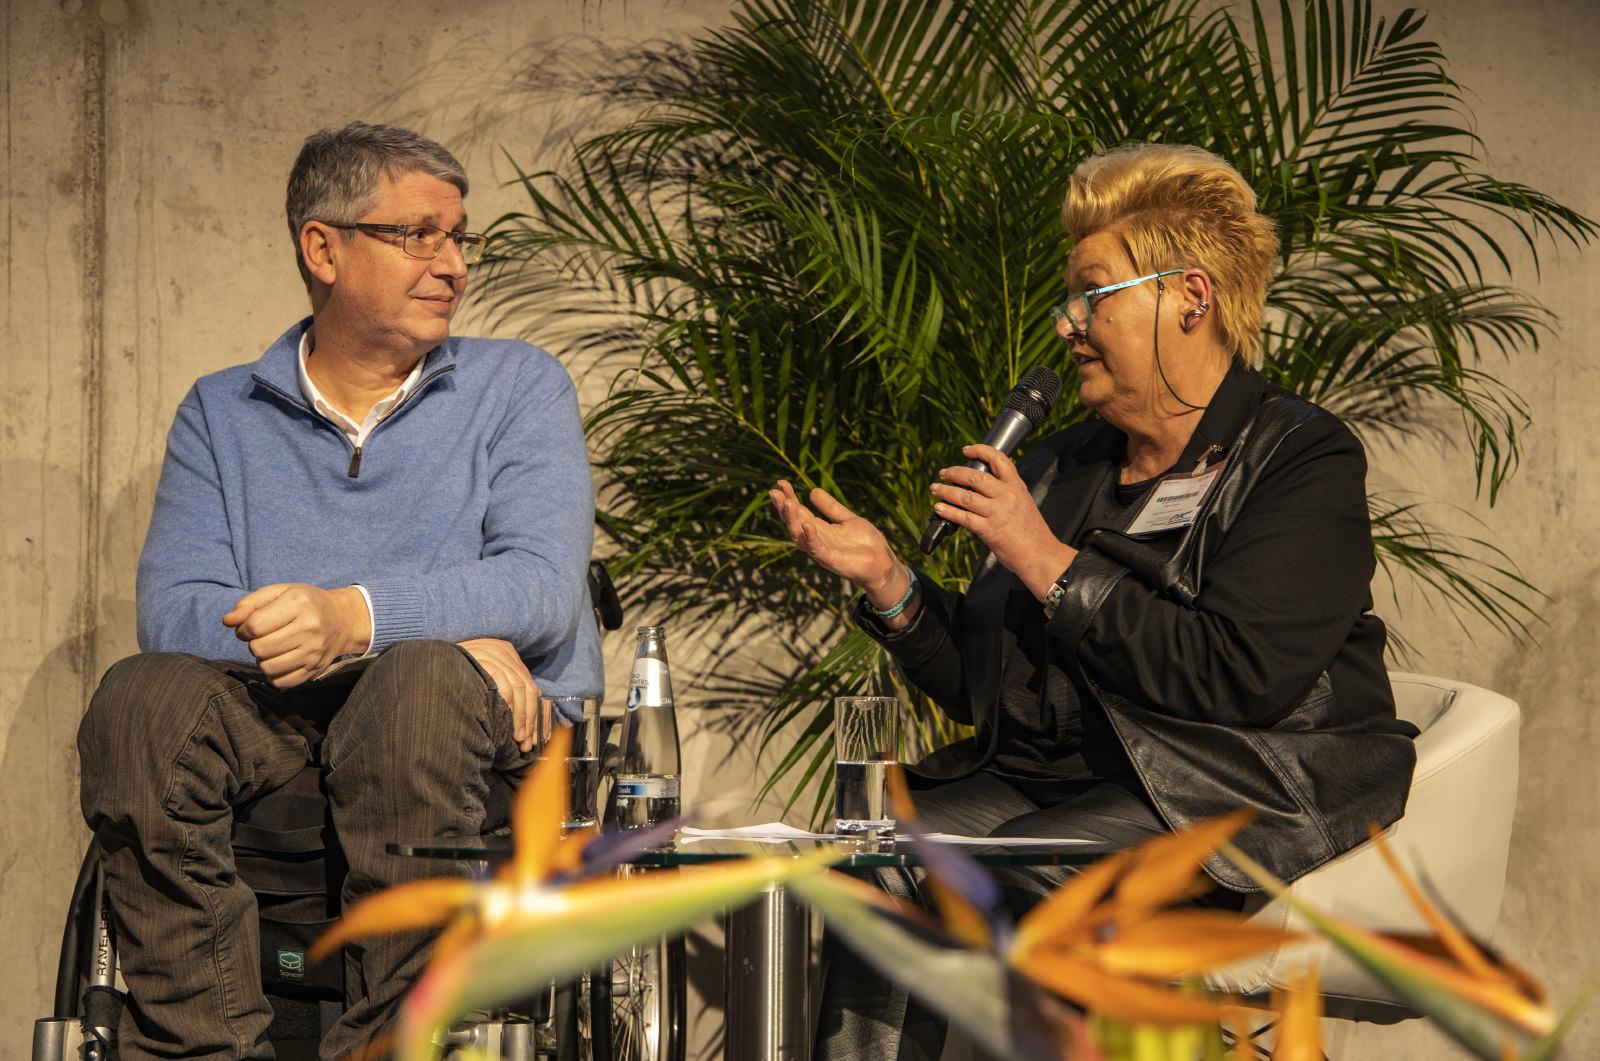 Marina Noble (Geschäftsführerin Ehrenpreis der VDRJ) im Gespräch mit Dominik Peter (Chefredakteur Berliner Behindertenzeitung des Berliner Behindertenverband e.V.); Foto: Holger Leue